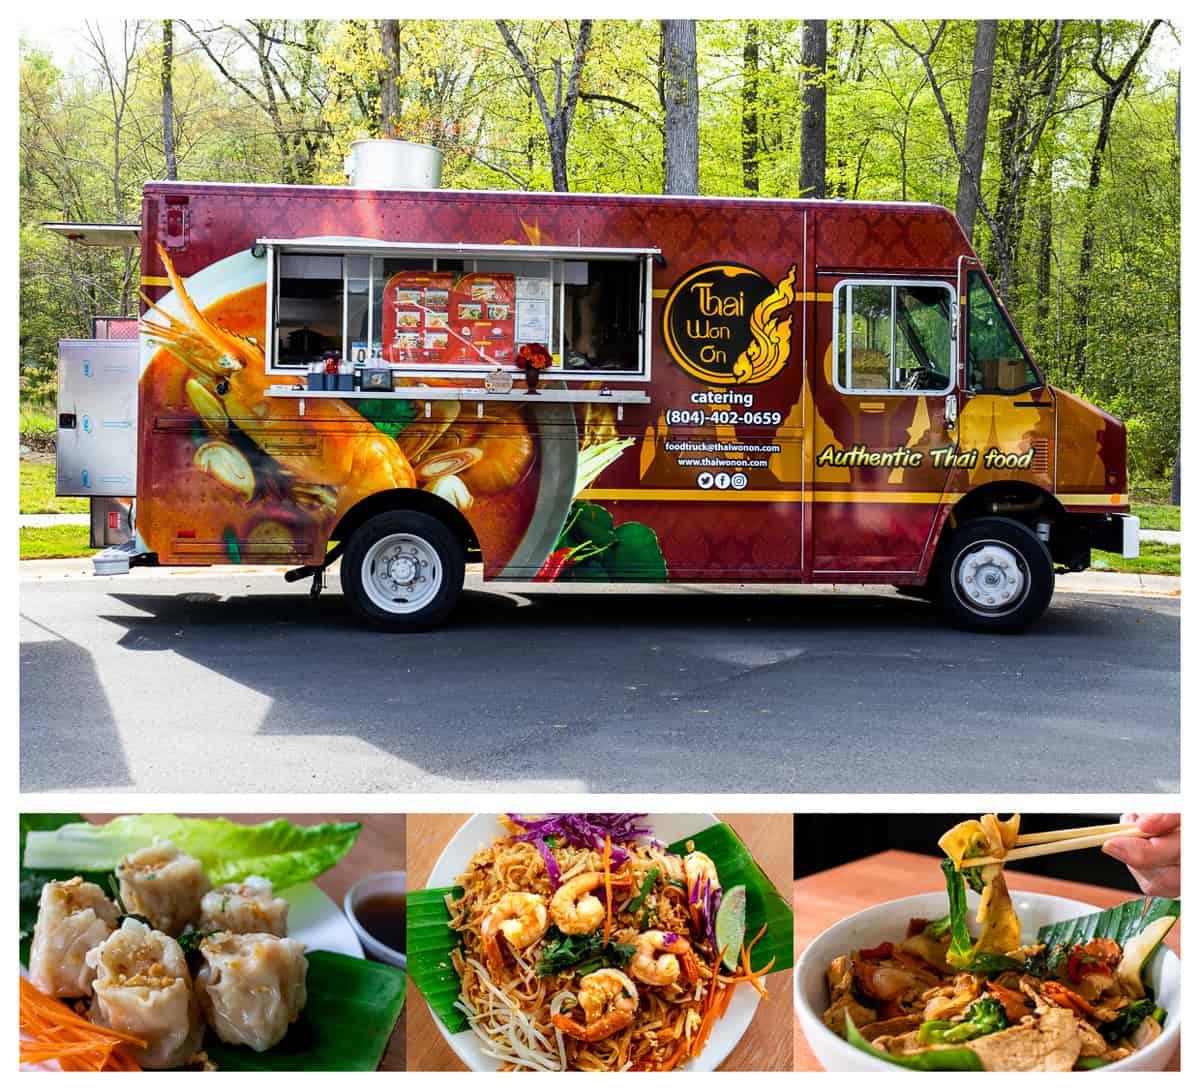 Thai Won On food truck